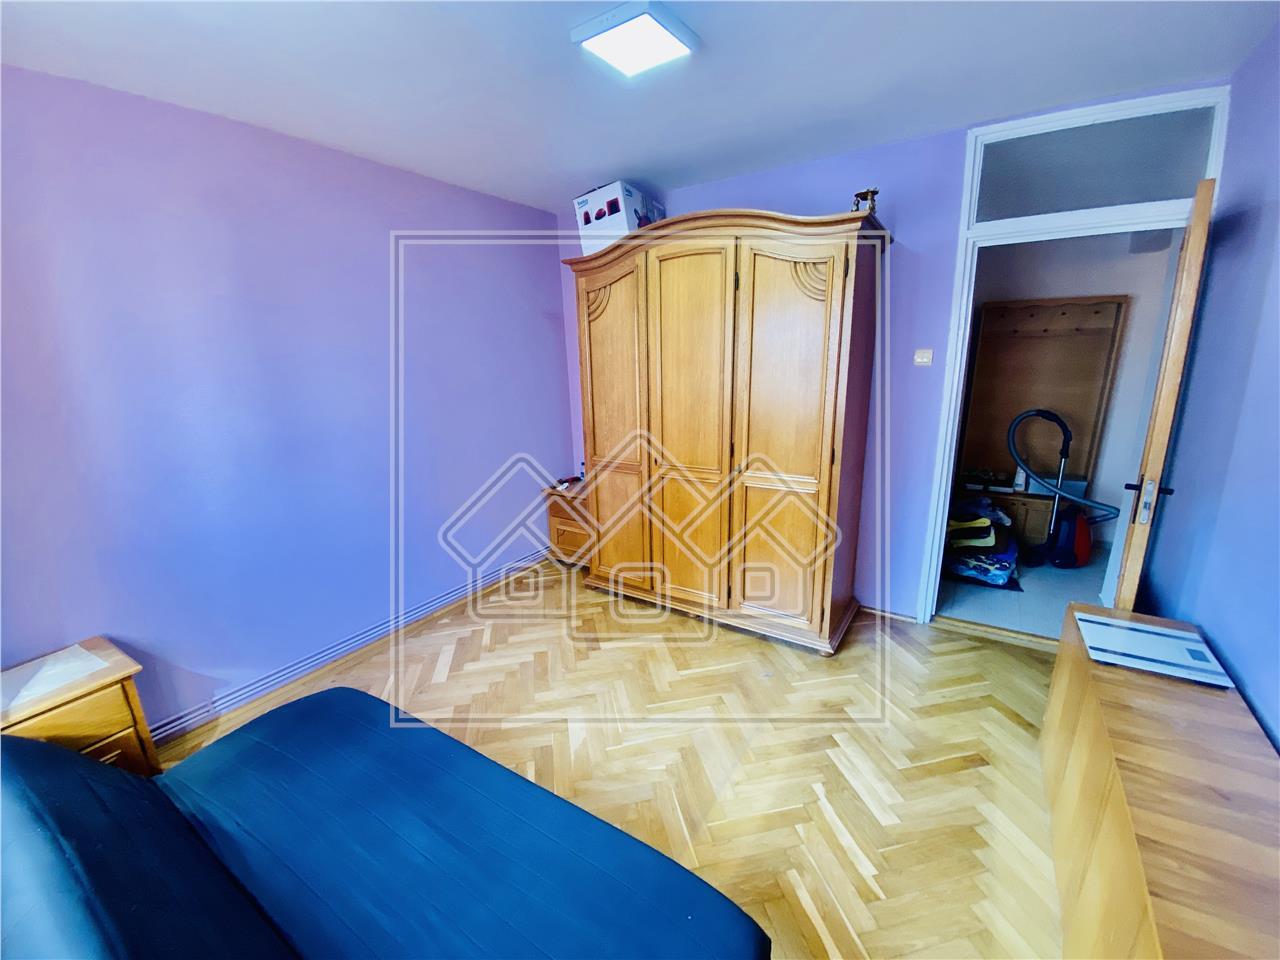 Apartament de vanzare in Sibiu - 2 camere si balcon - Zona Rahovei